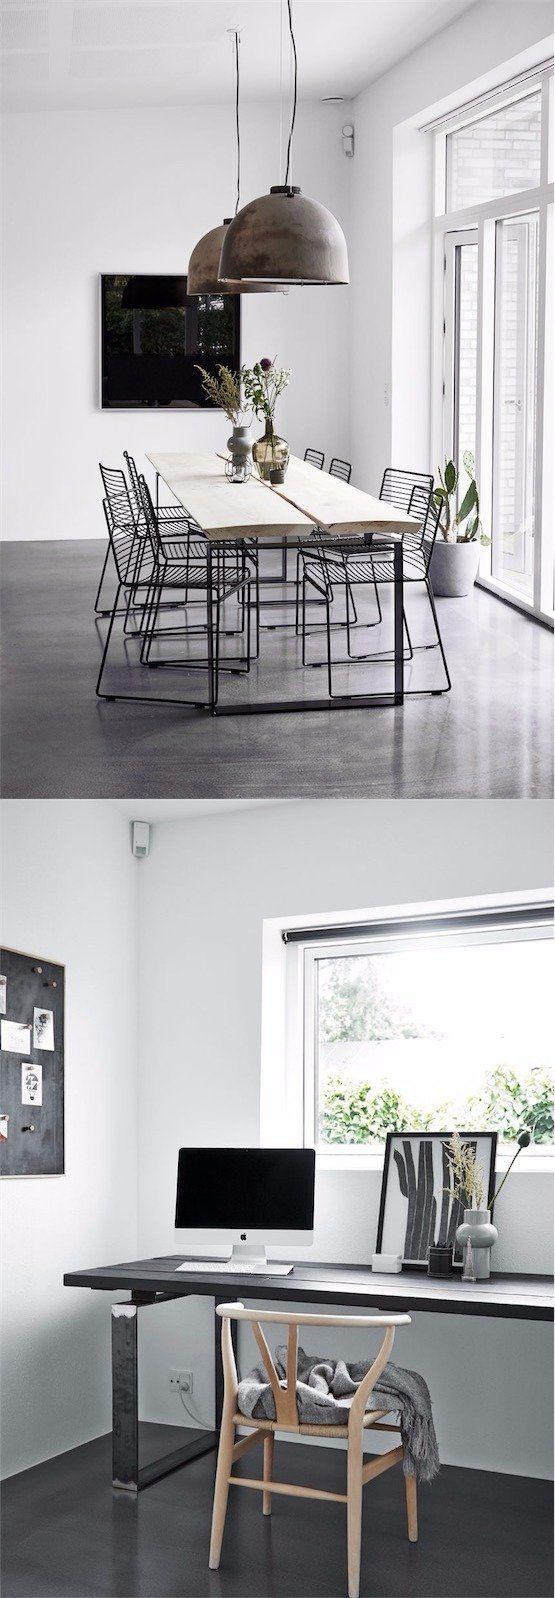 Elegante interior escandinavo / http://bobedre.dk